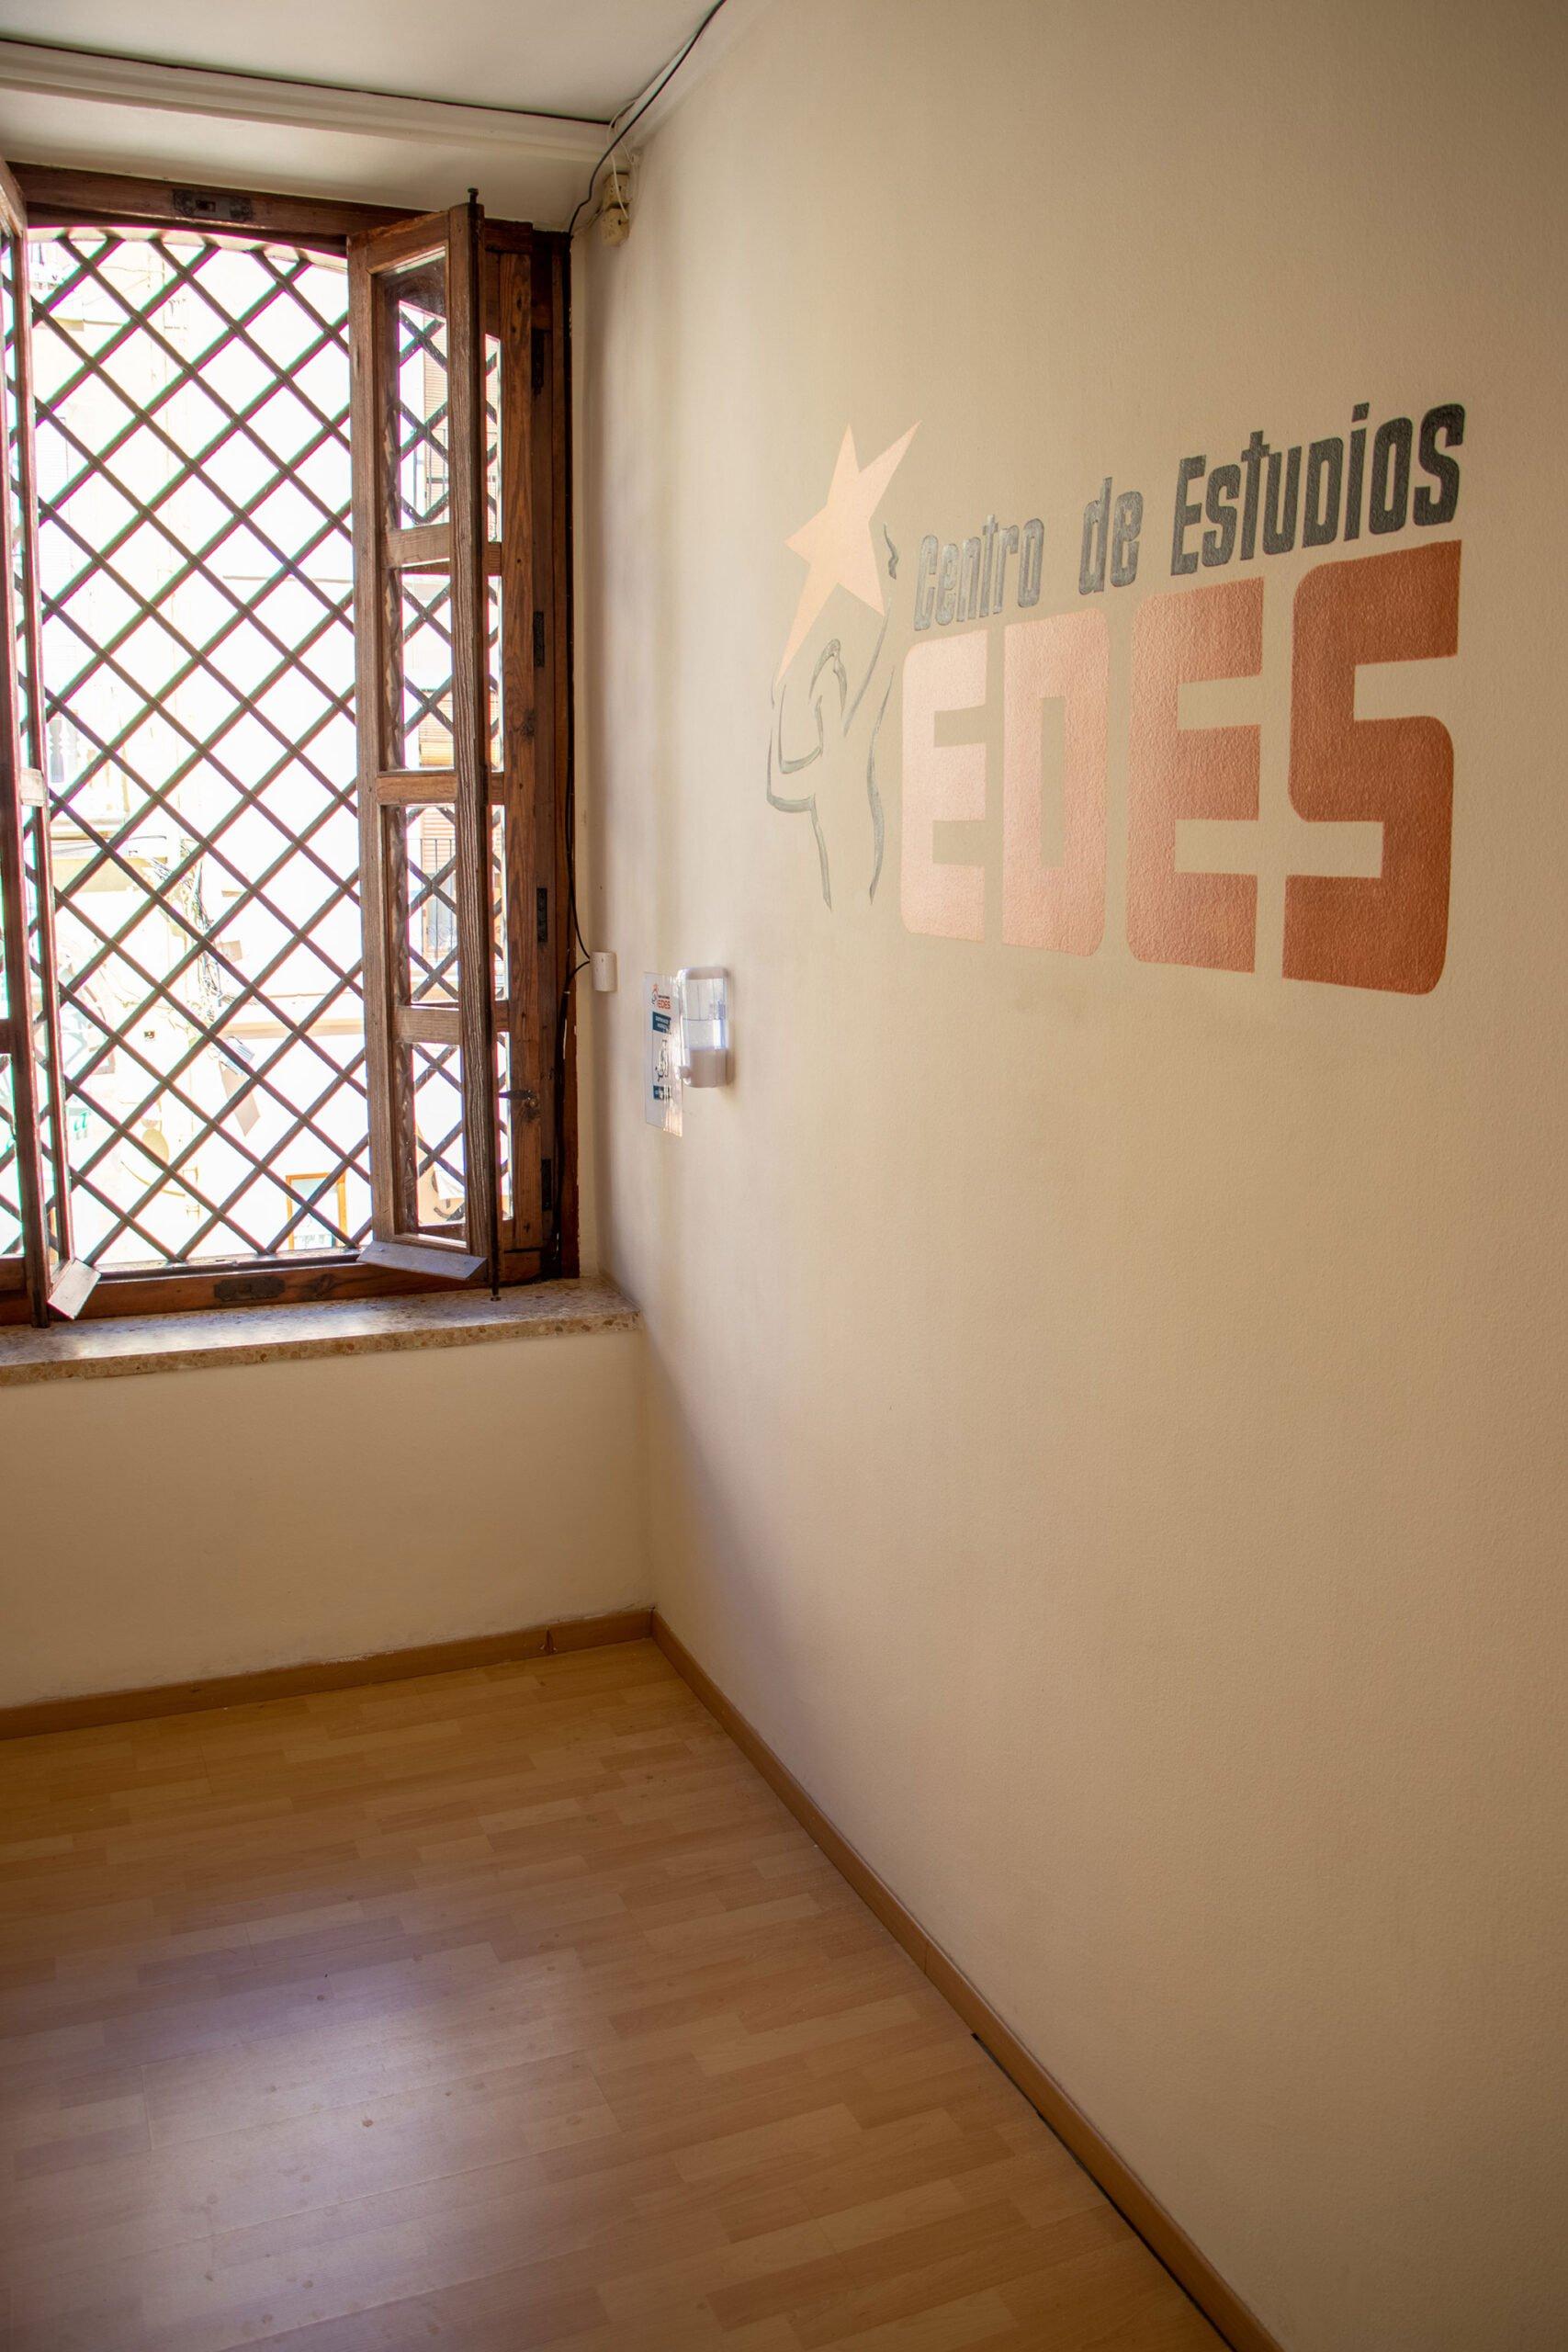 Interior de las instalaciones Centro de Estudios EDES